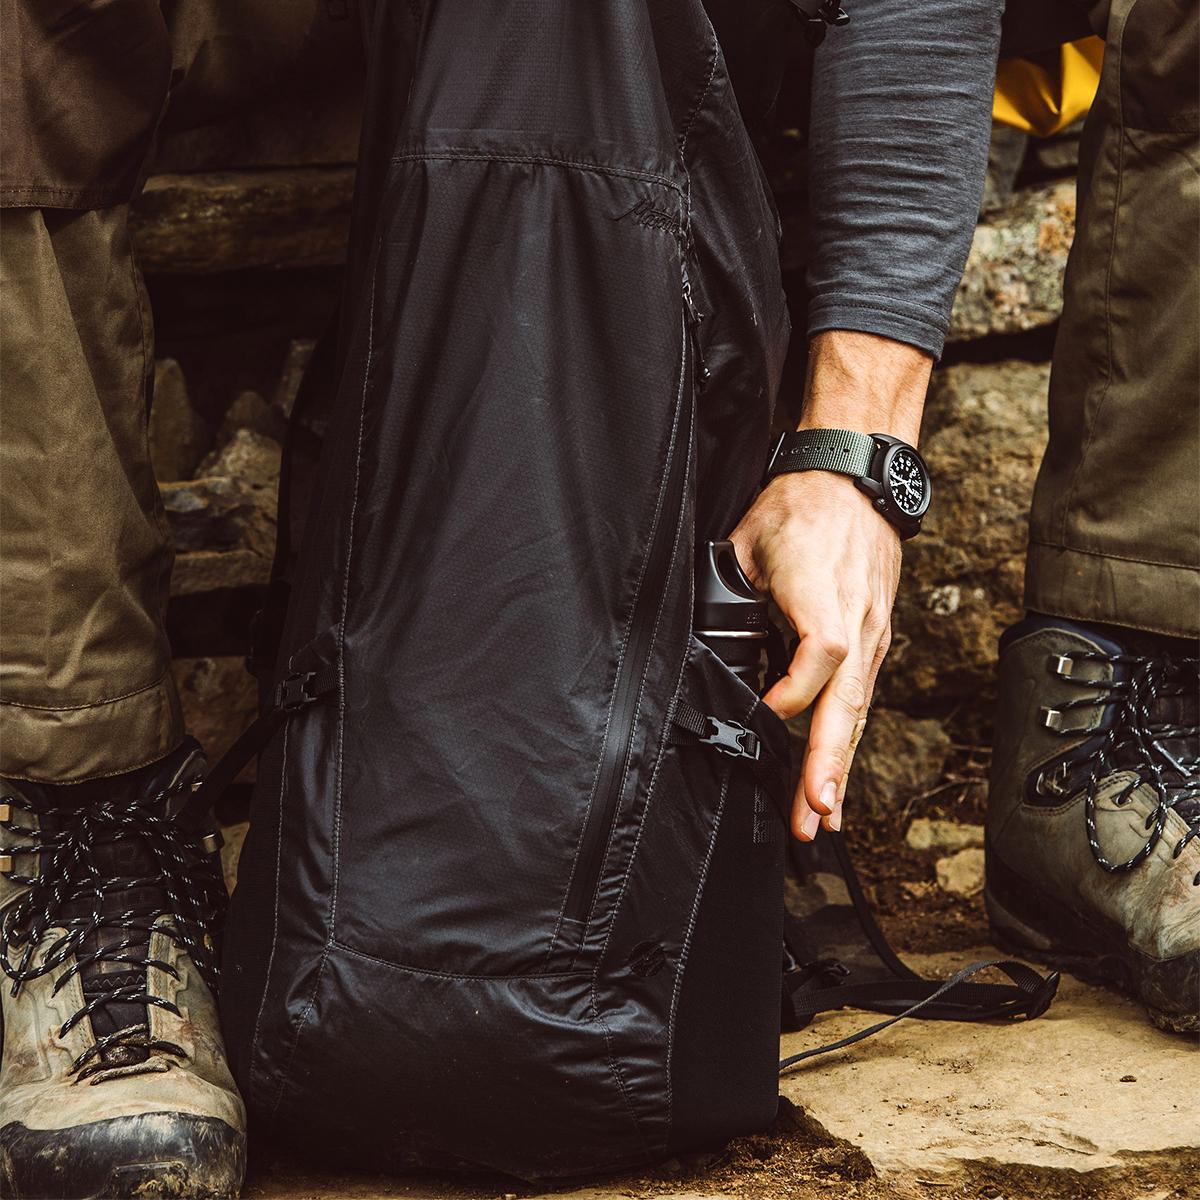 両サイドには太めのタンブラーや折り畳み傘がすっぽりと入るストレッチ性メッシュ素材の「伸びるポケット」付きのバックパック|Matador Freerain24 2.0